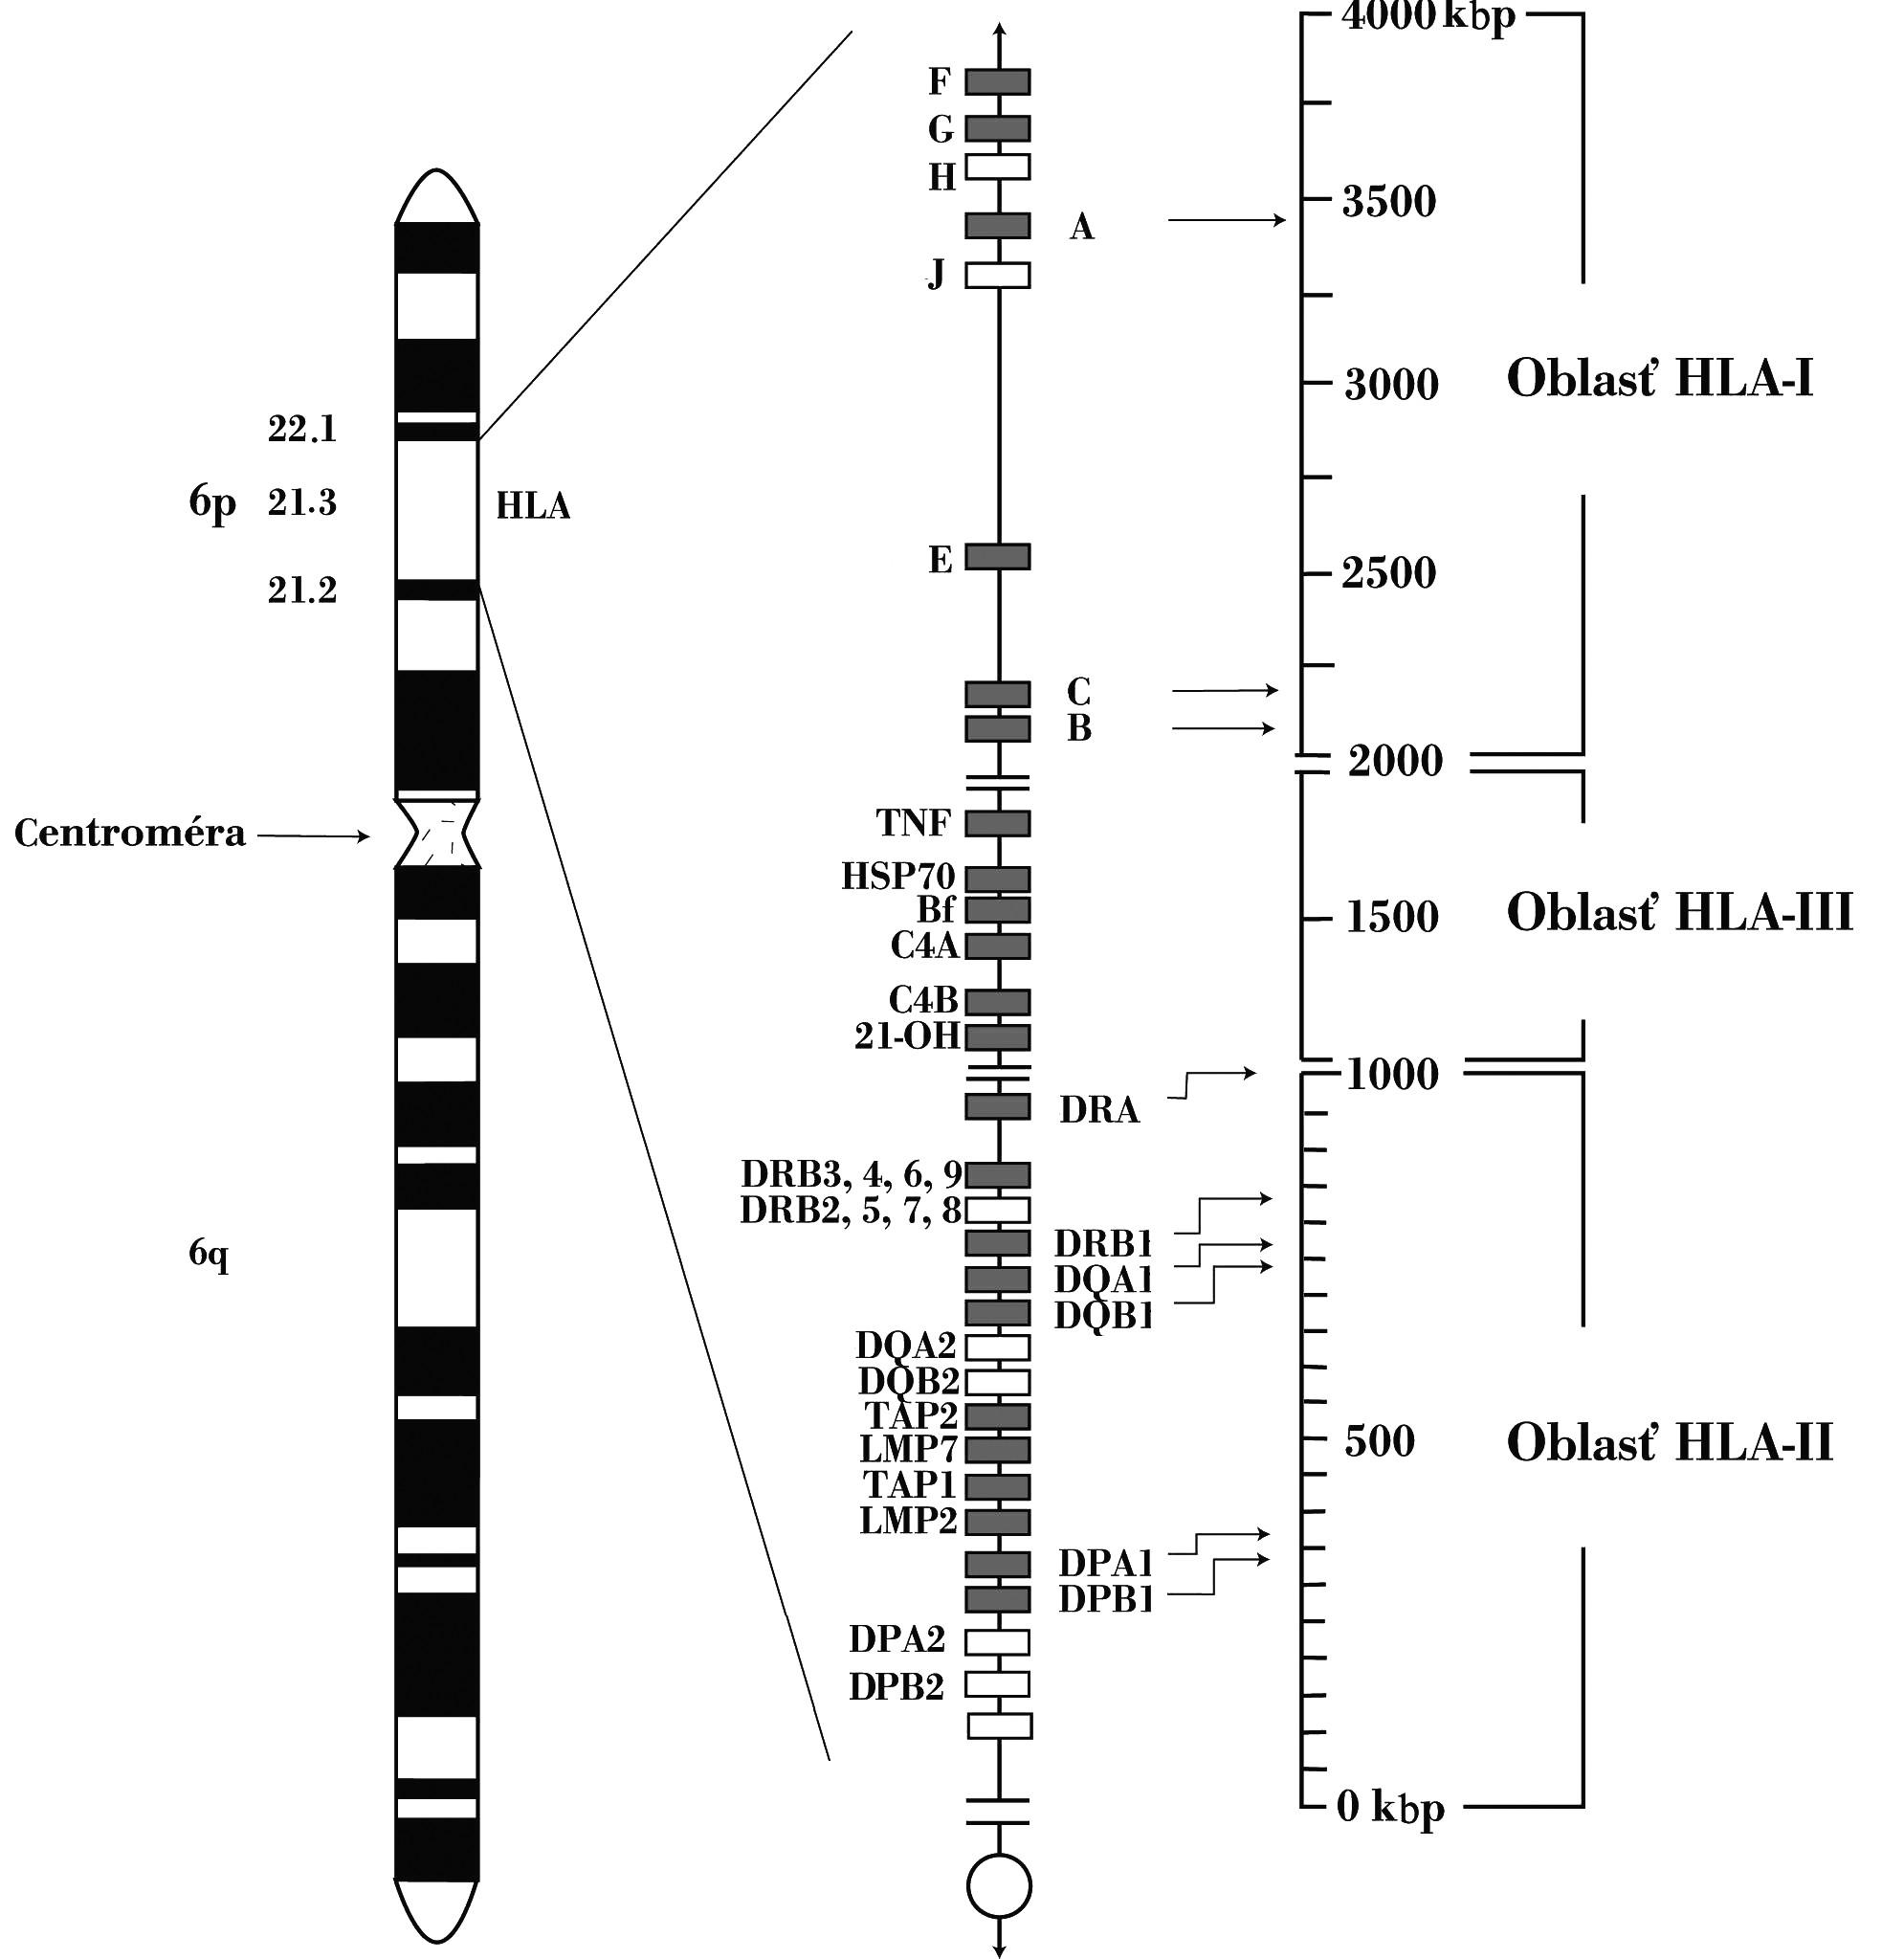 Genetická oblasť HLA-komplexu HLA-genetická oblasť sa nachádza na krátkom ramene 6. chromozómu. Skladá sa z početných lokusov. Gény lokalizované bližšie k centromére zaraďujeme do druhej triedy, gény umiestnené telomericky do prvej triedy a napokon gény nachádzajúce sa medzi centromerickými a telomerickými génmi patria k tretej triede Fig. 1. HLA complex genes The HLA complex genes are located on the short arm of chromosome 6. It consists of multiple loci. The genes located closer to the centromere are classified into class 2, those located close to the telomere are classified into class 1 and those located between the centrometric and telometric regions are classified into class 3